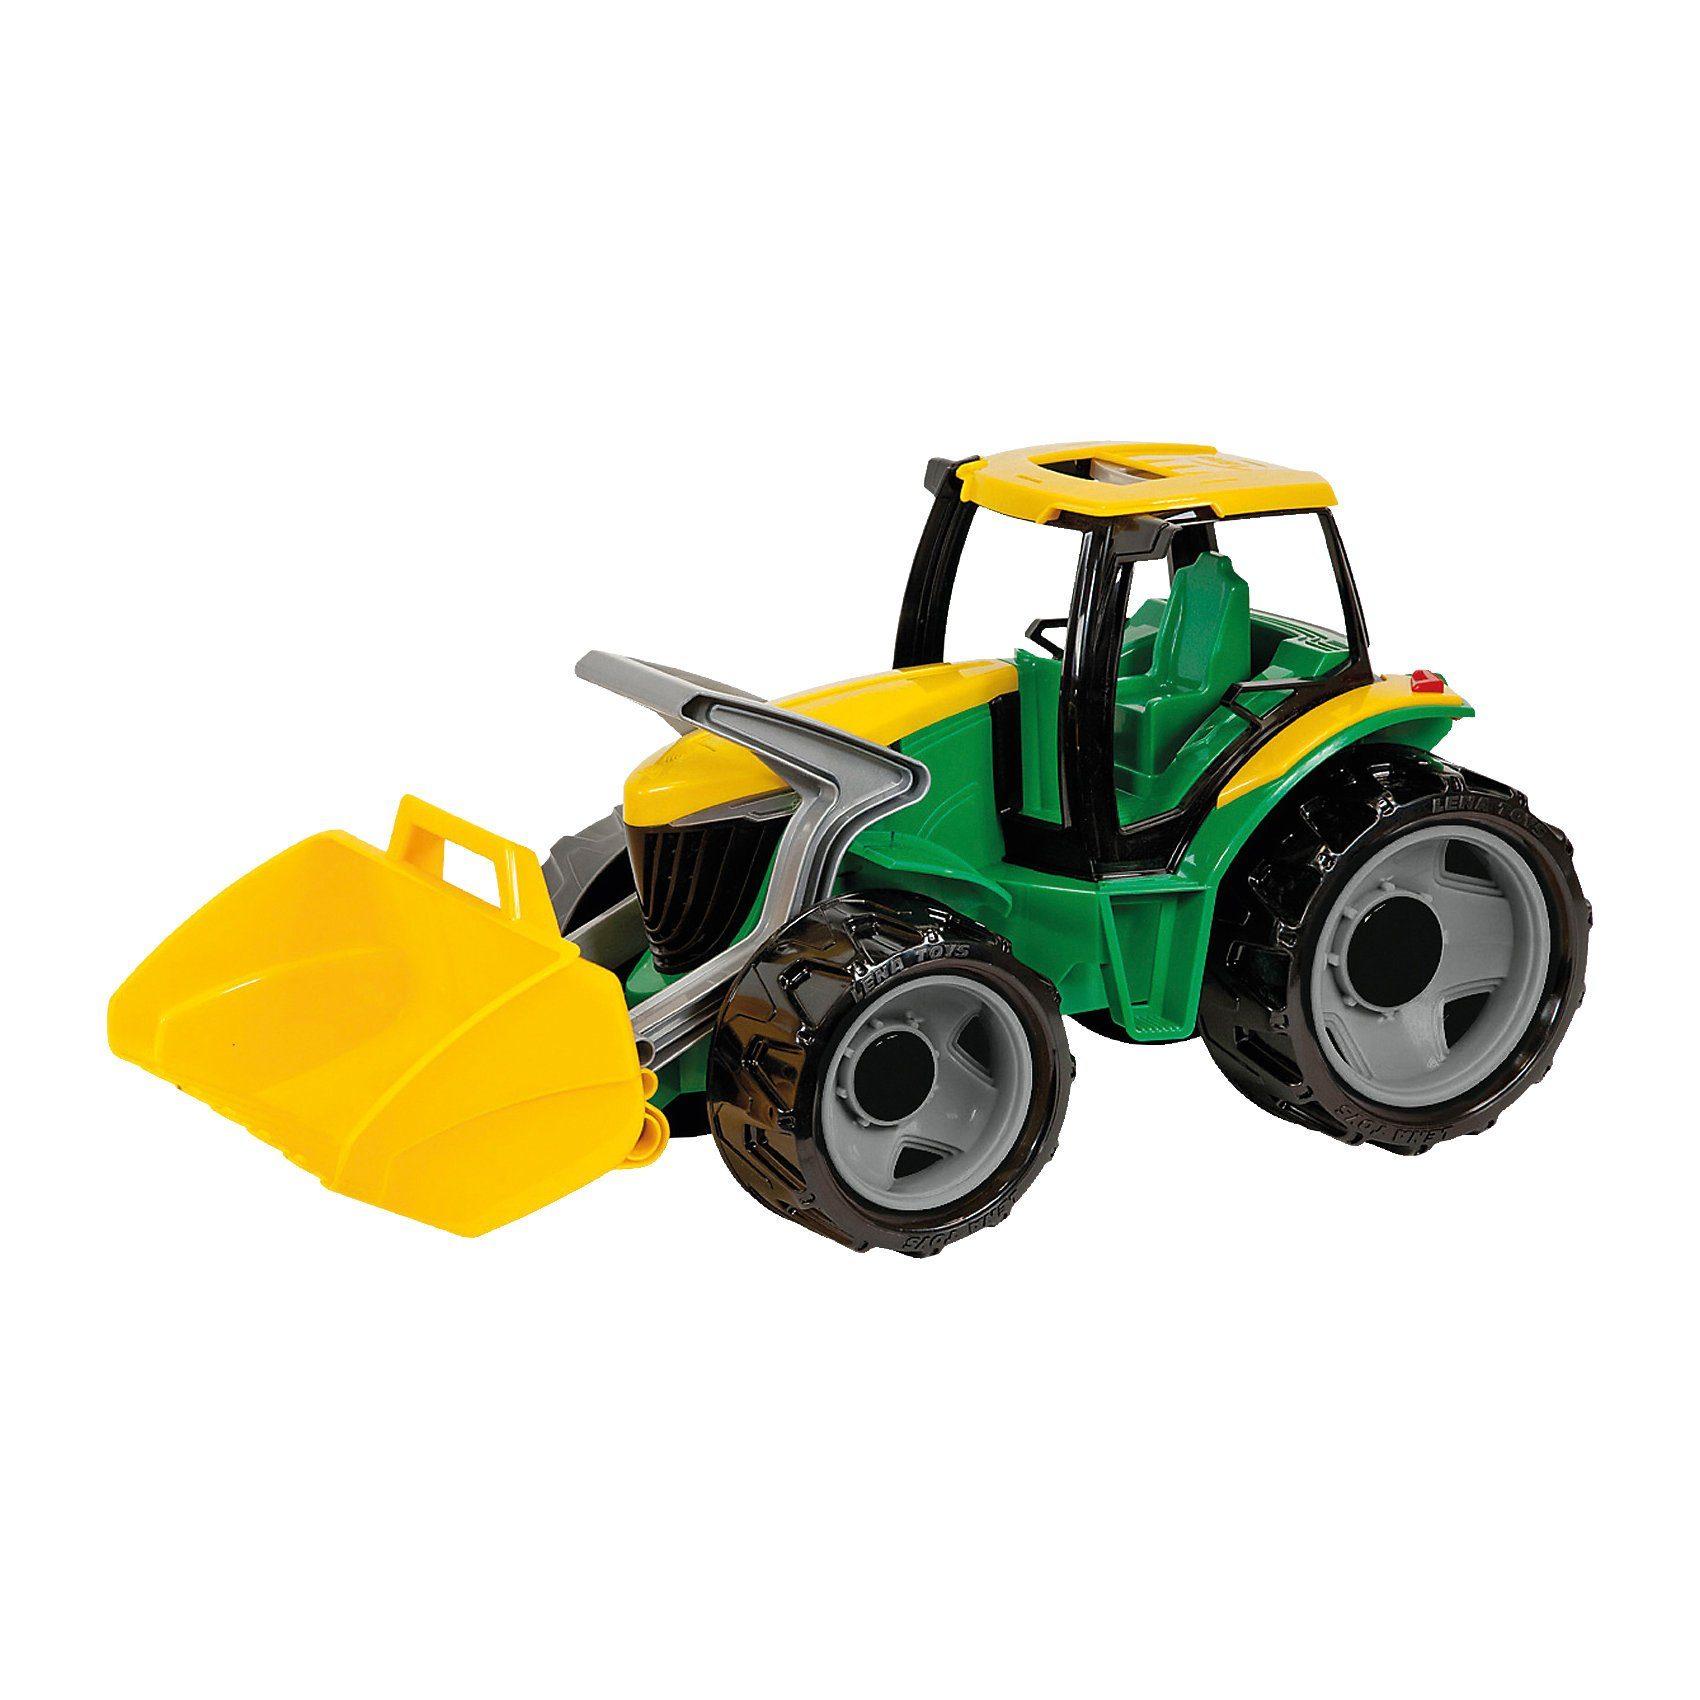 LENA Starke Riesen Traktor mit Lader, grün, 62 cm